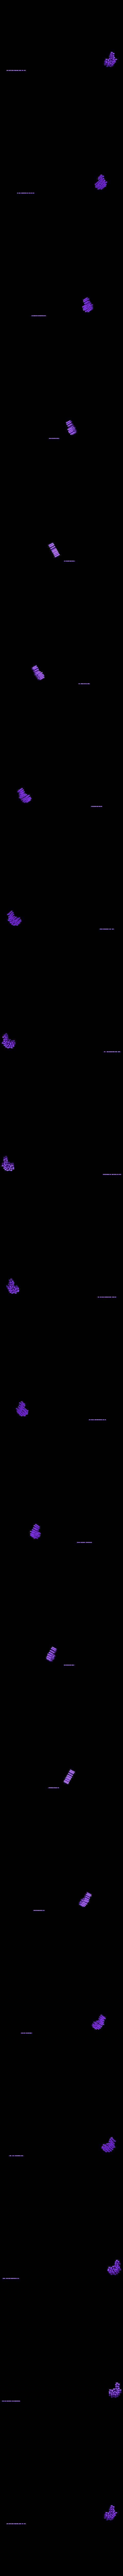 cell_ribosomes.STL Télécharger fichier STL gratuit Modèle de cellule multicolore • Plan imprimable en 3D, MosaicManufacturing